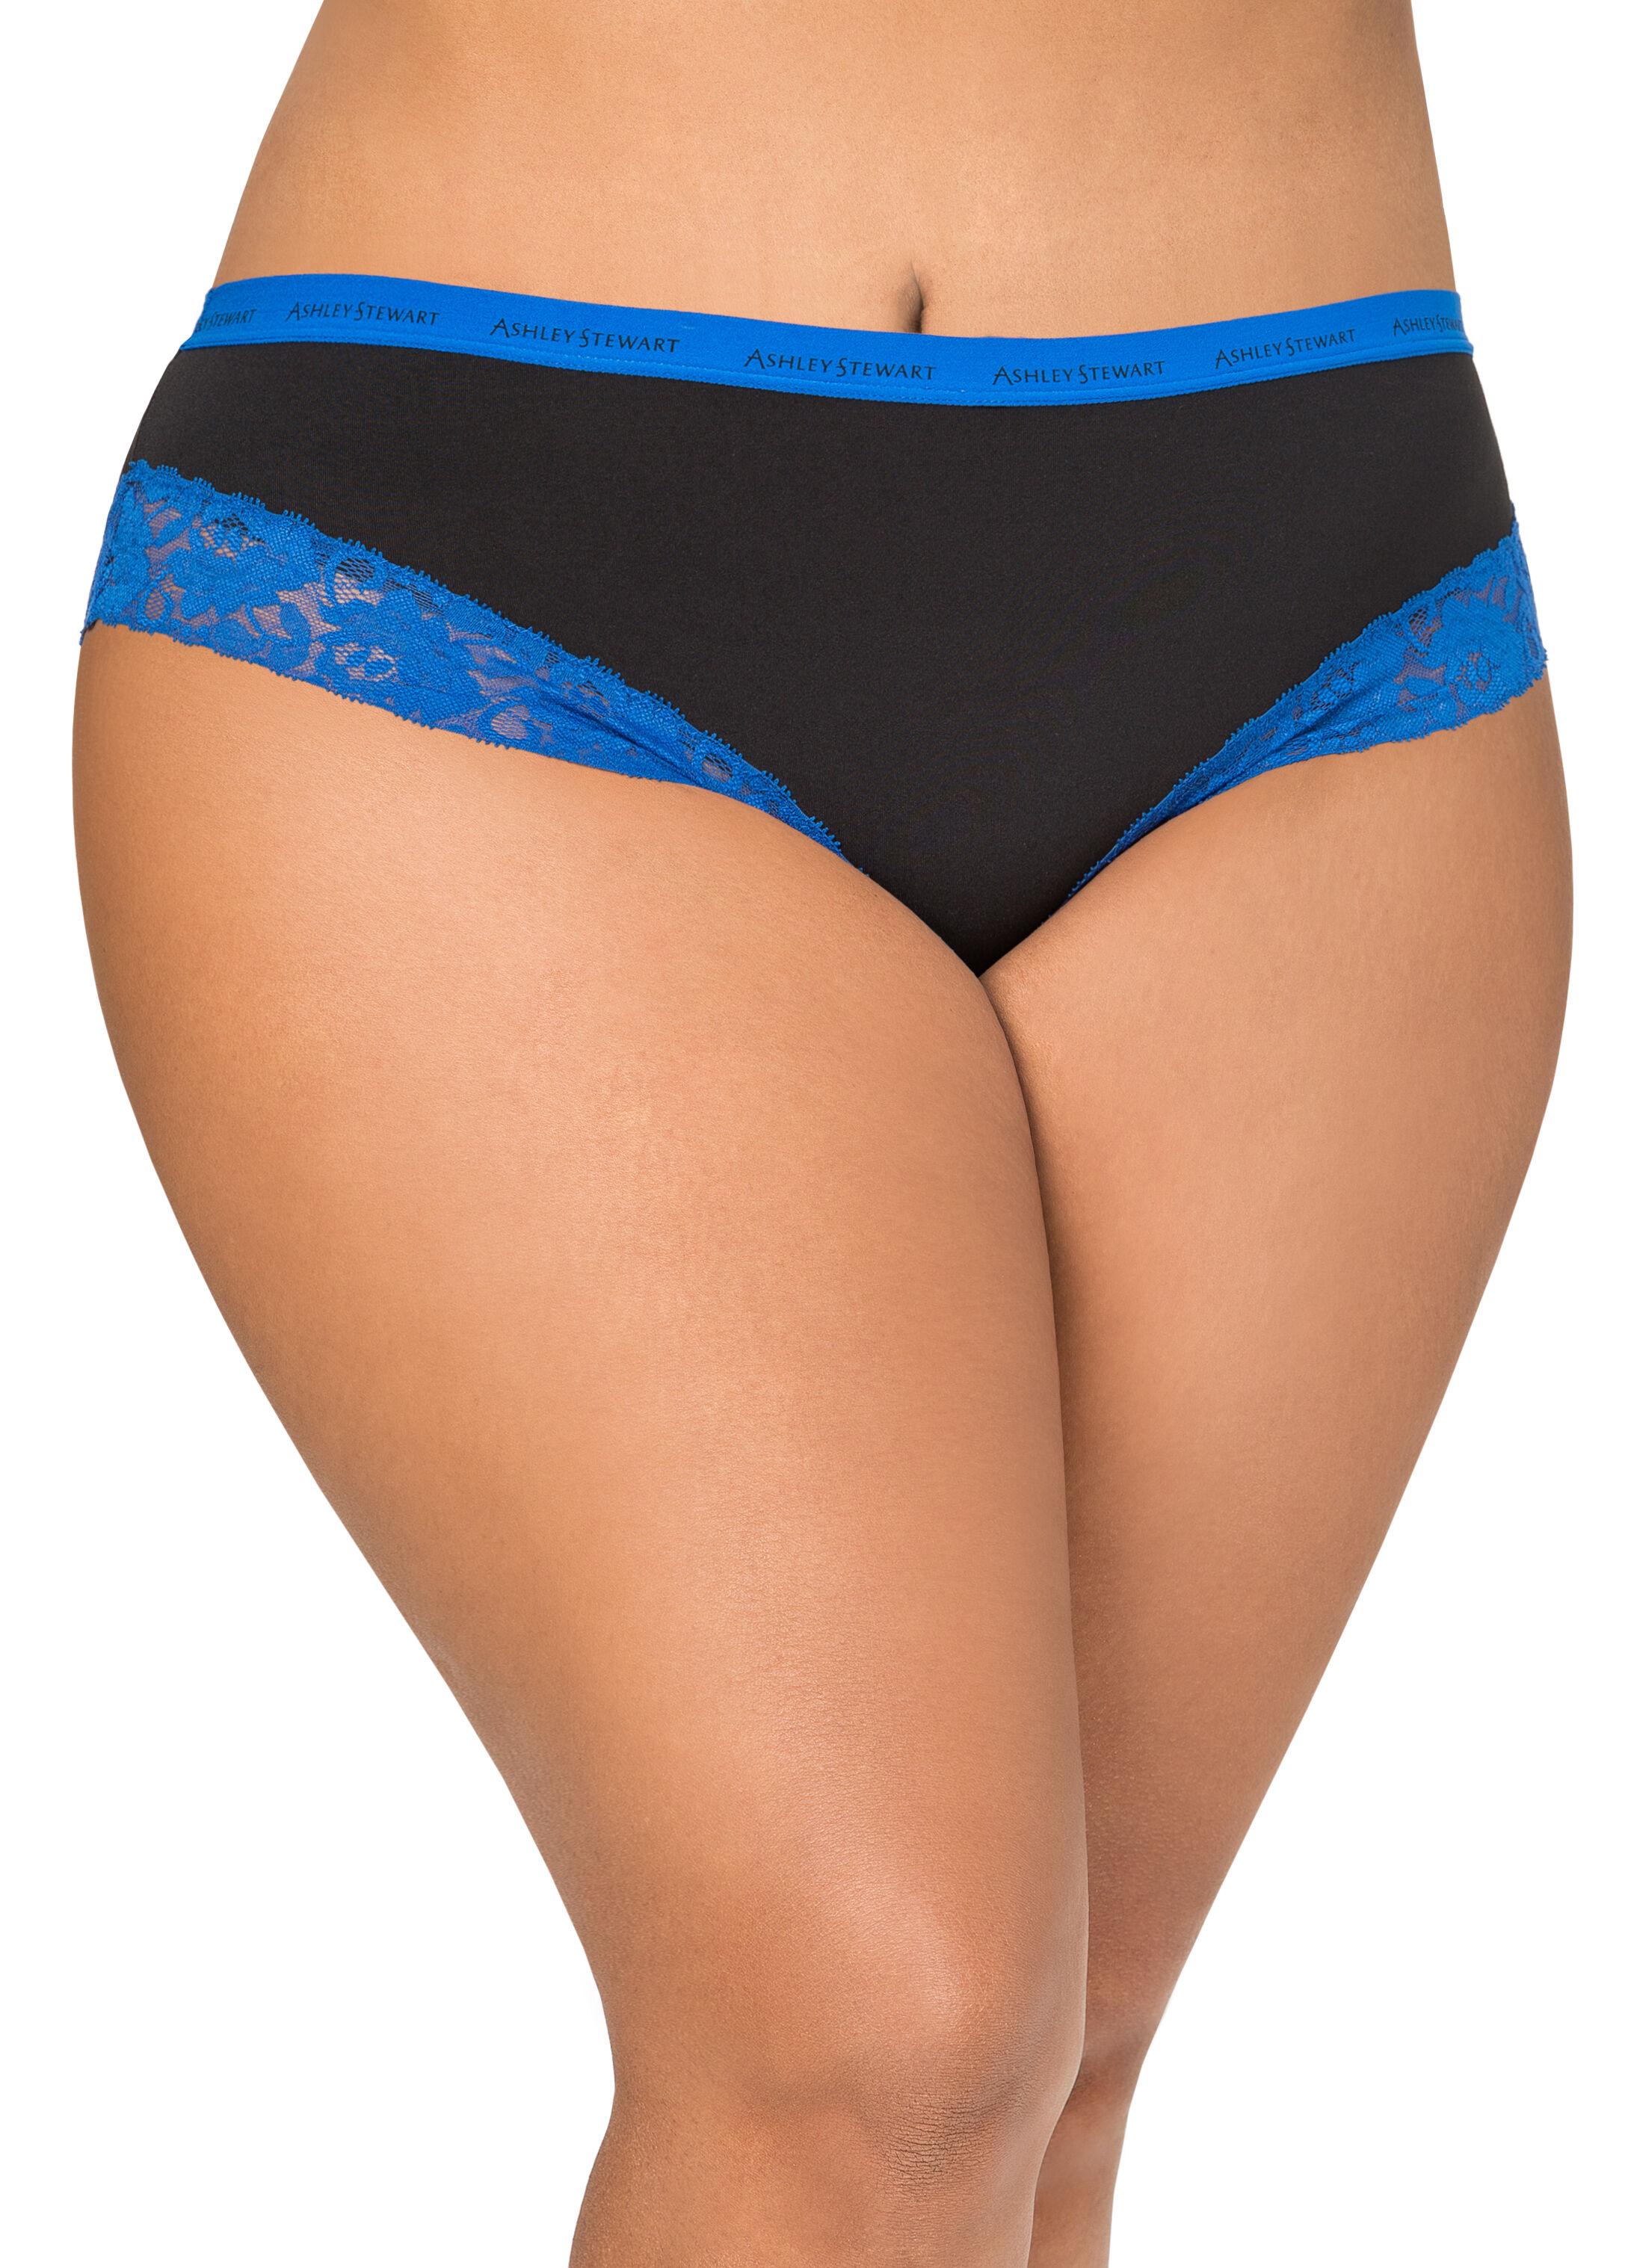 Lace Trim Microfiber Bikini Panty